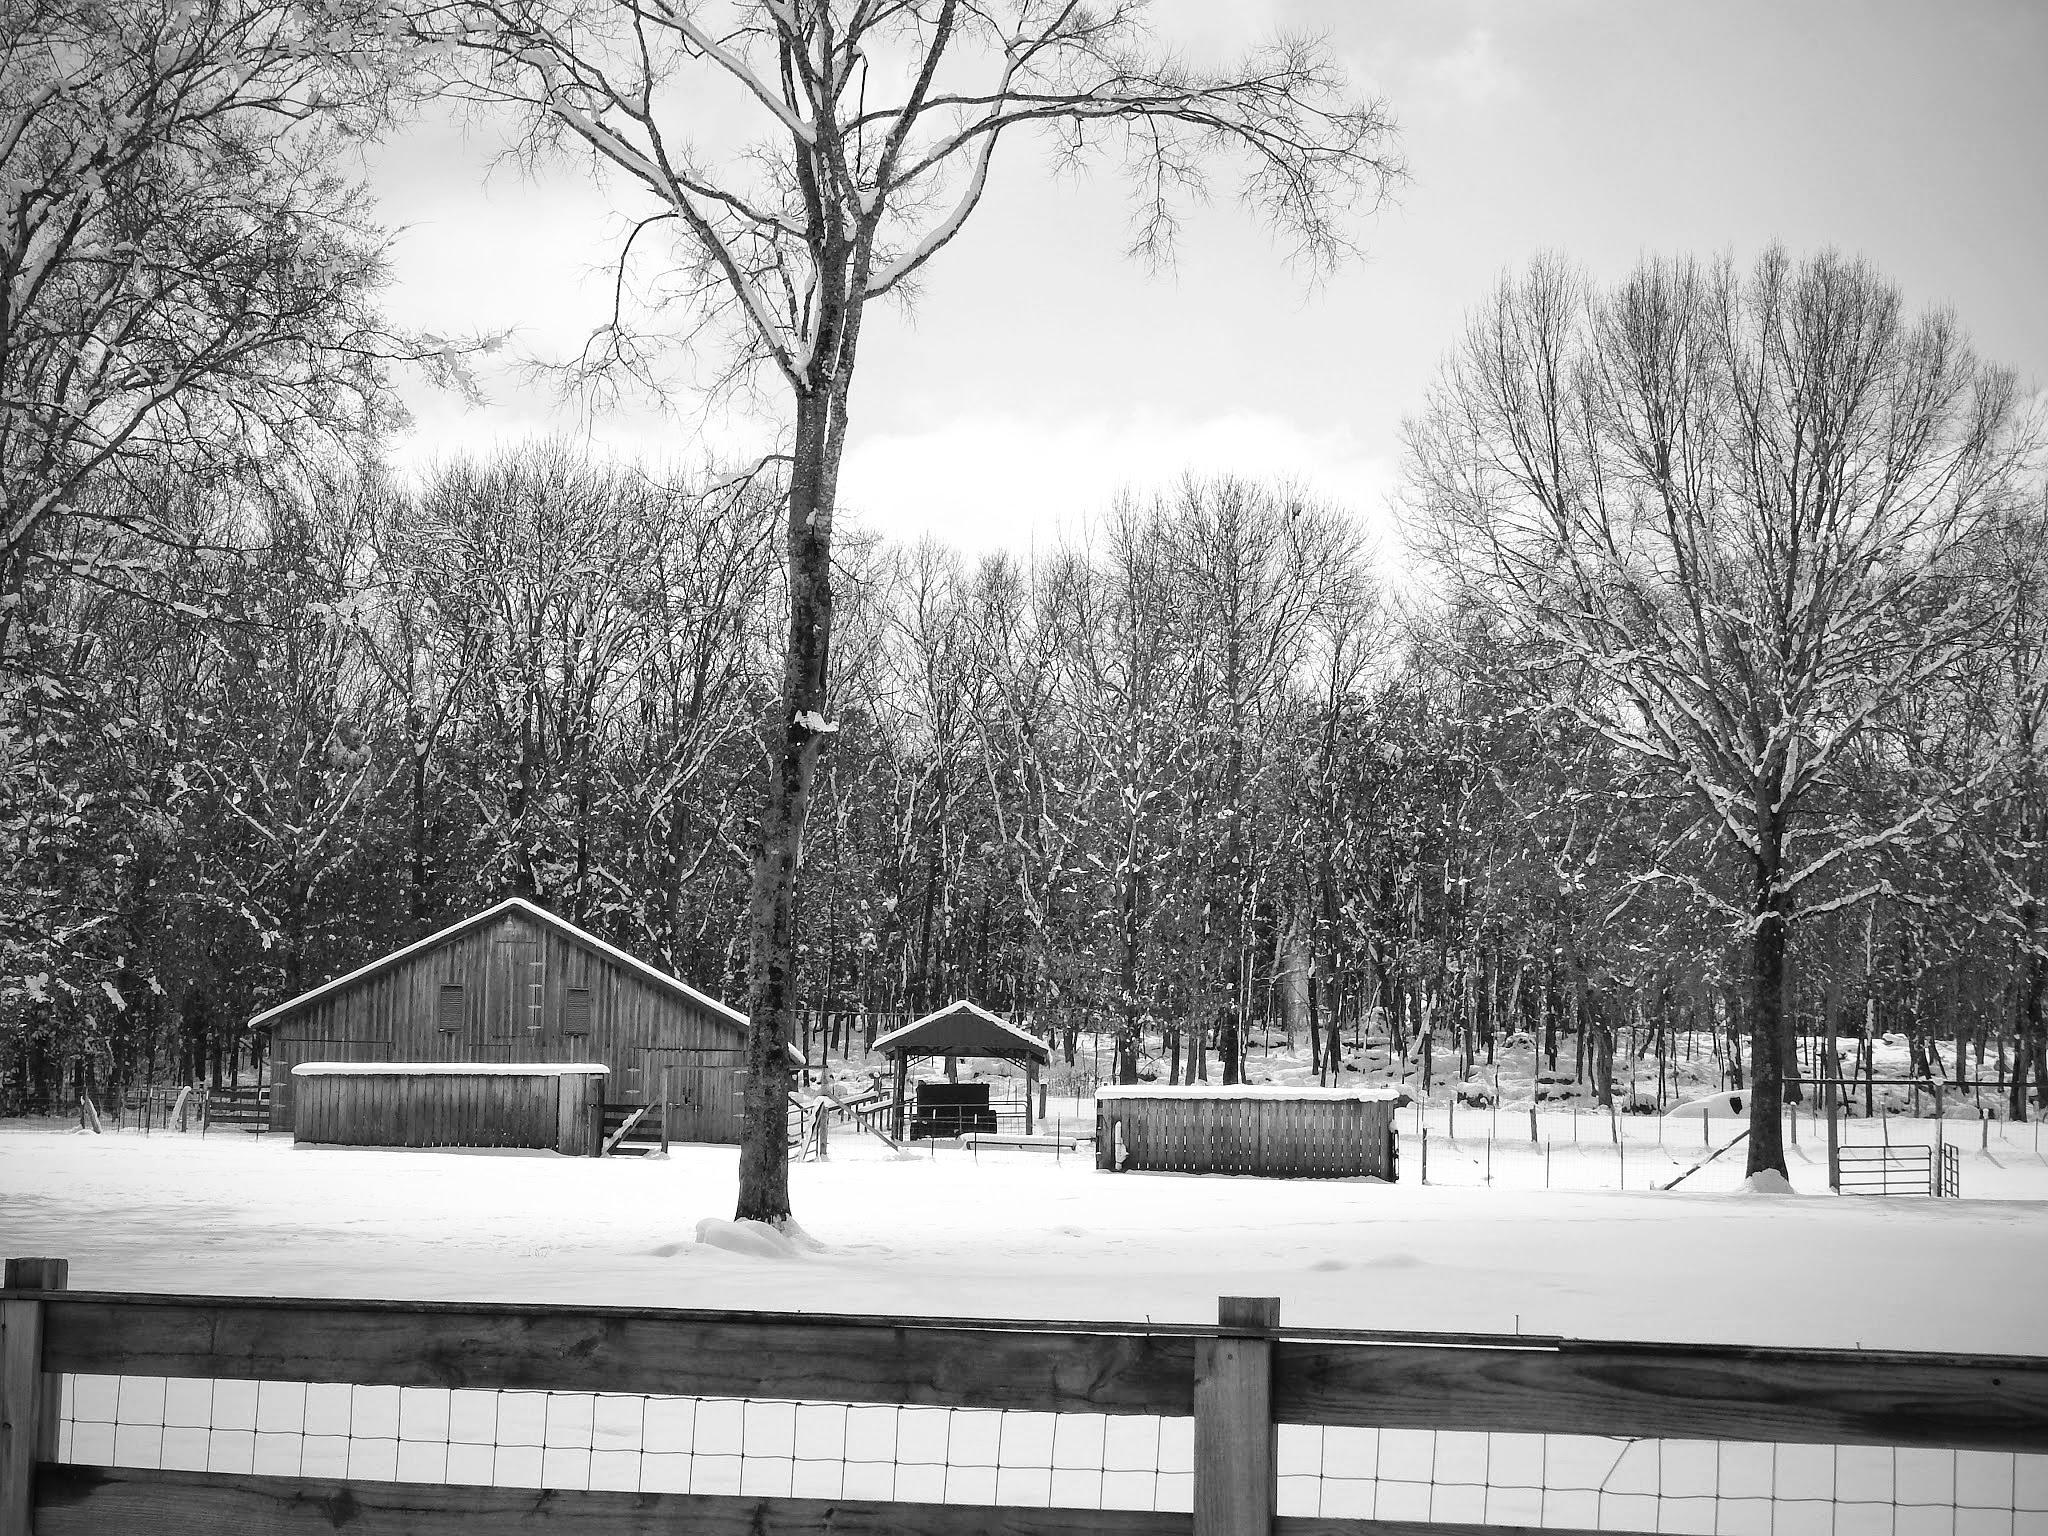 Snowy Barn by Cindy Eddy